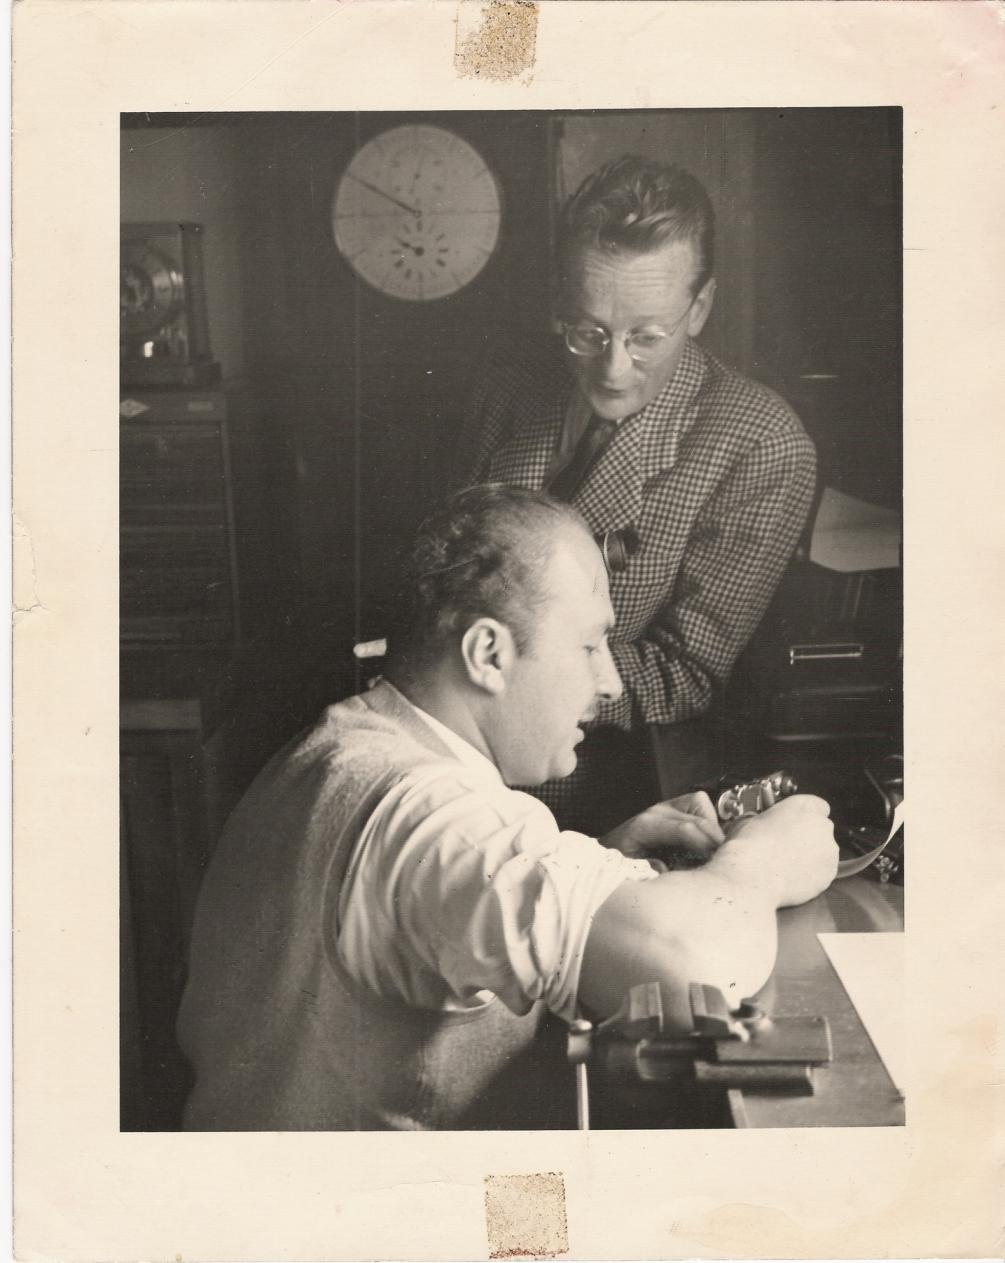 Antranig Knadjian in his work shop